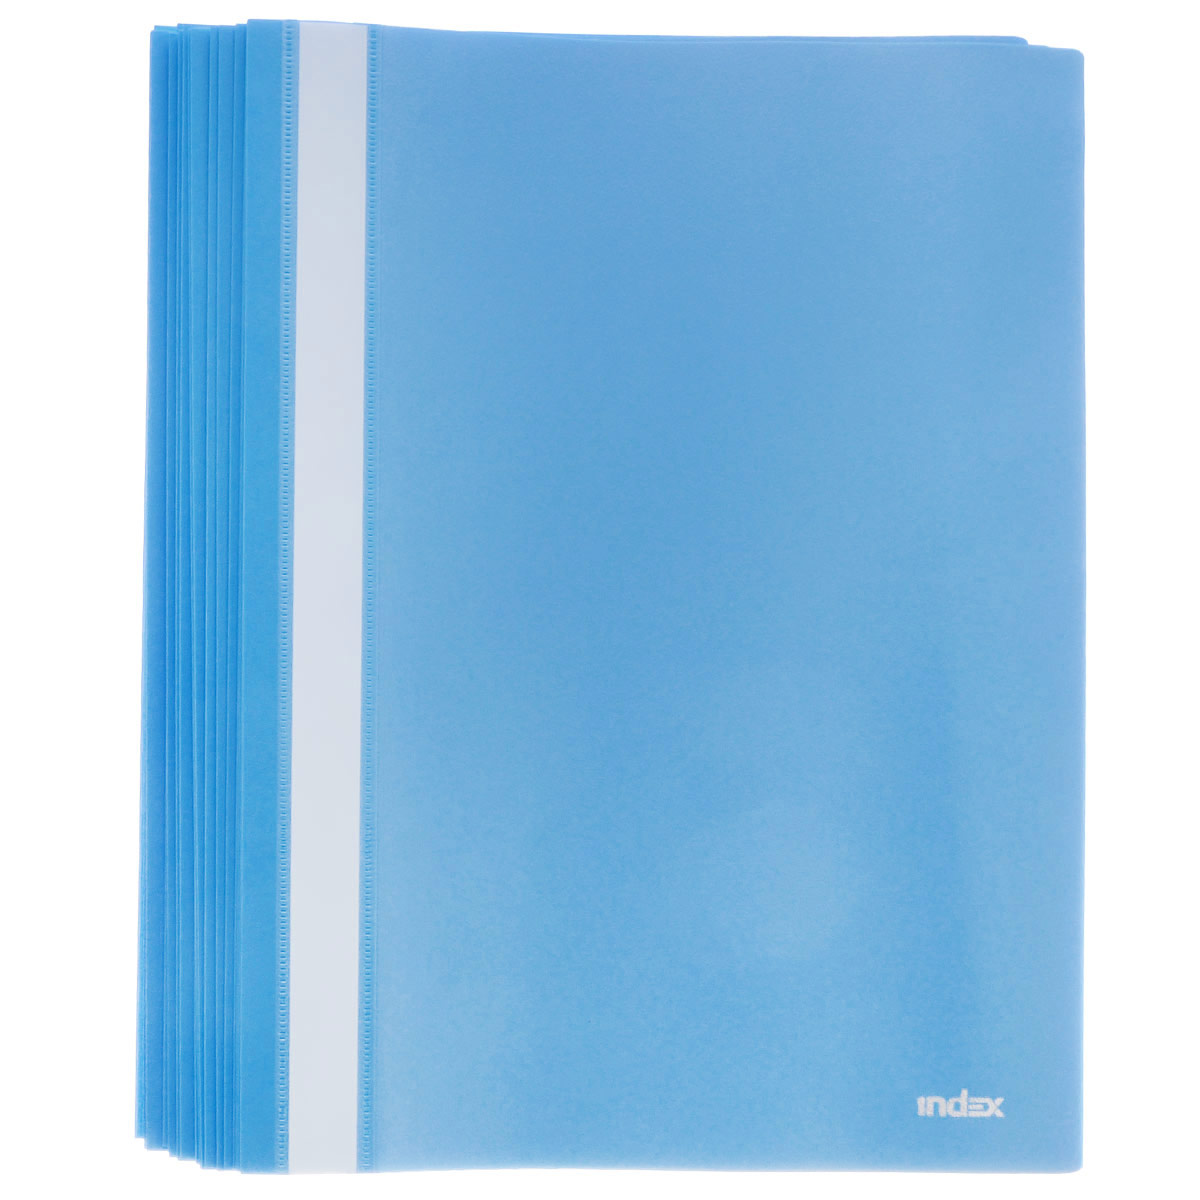 Папка-скоросшиватель Index, цвет: синий. Формат А4, 20 штI200/BUПапка-скоросшиватель Index, изготовленная из высококачественногополипропилена, это удобный и практичный офисный инструмент,предназначенный для хранения и транспортировки рабочих бумаг и документовформата А4.Папка оснащена верхним прозрачным матовым листом и металлическим зажимомвнутри для надежного удержания бумаг. В наборе - 20 папок. Папка-скоросшиватель - это незаменимый атрибут для студента, школьника,офисного работника. Такая папка надежно сохранит ваши документы и сбережетих от повреждений, пыли и влаги. Комплектация: 20 шт.